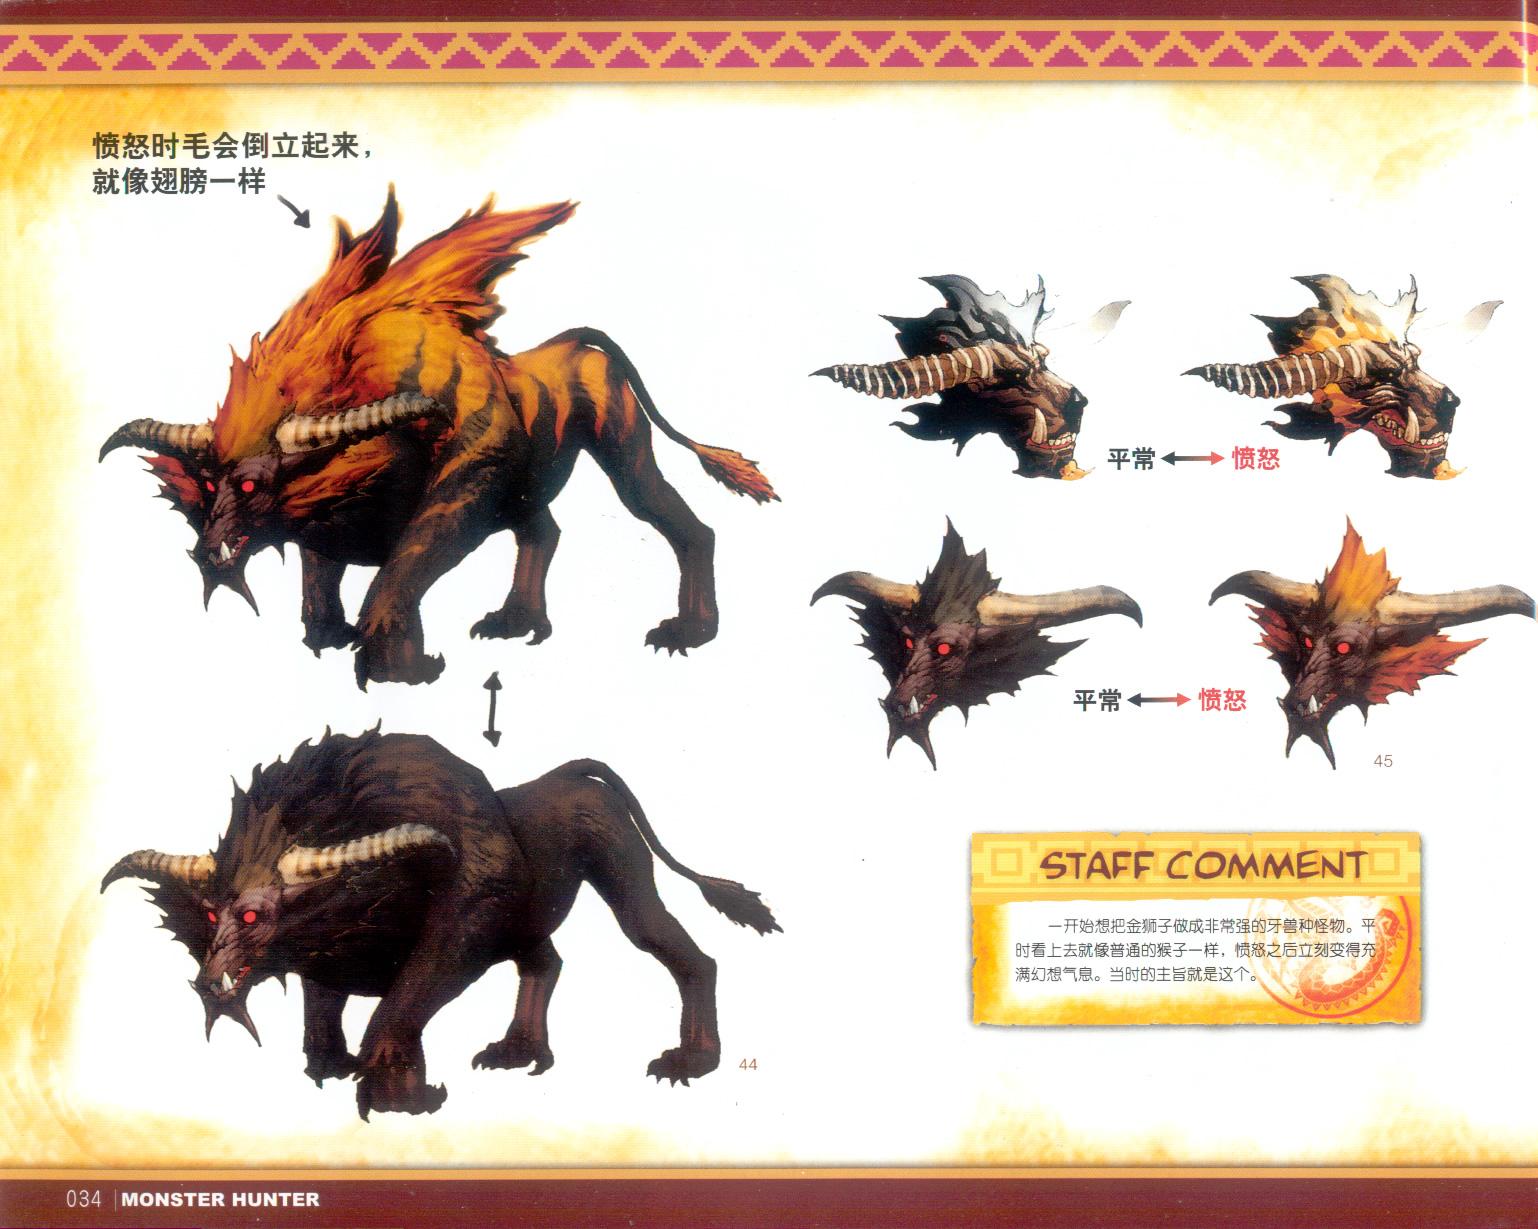 034_关注-游艺网GAME798海量资源下载怪物猎人终极画集.jpg